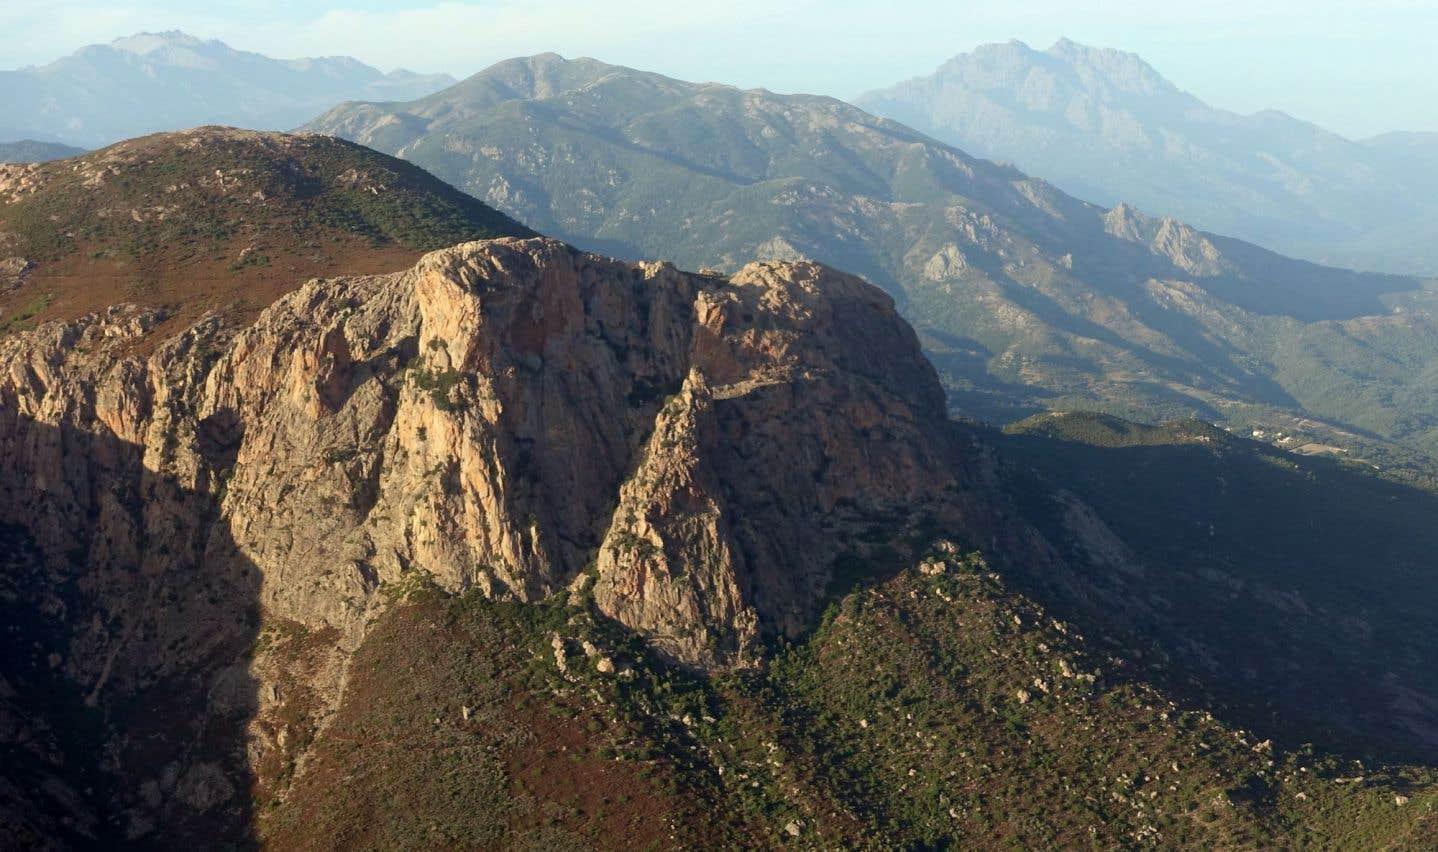 Entre Bocognano et Vizzavona, face au Monte d'Oro (en arrière-plan sur la photo), le paysage est majestueux.